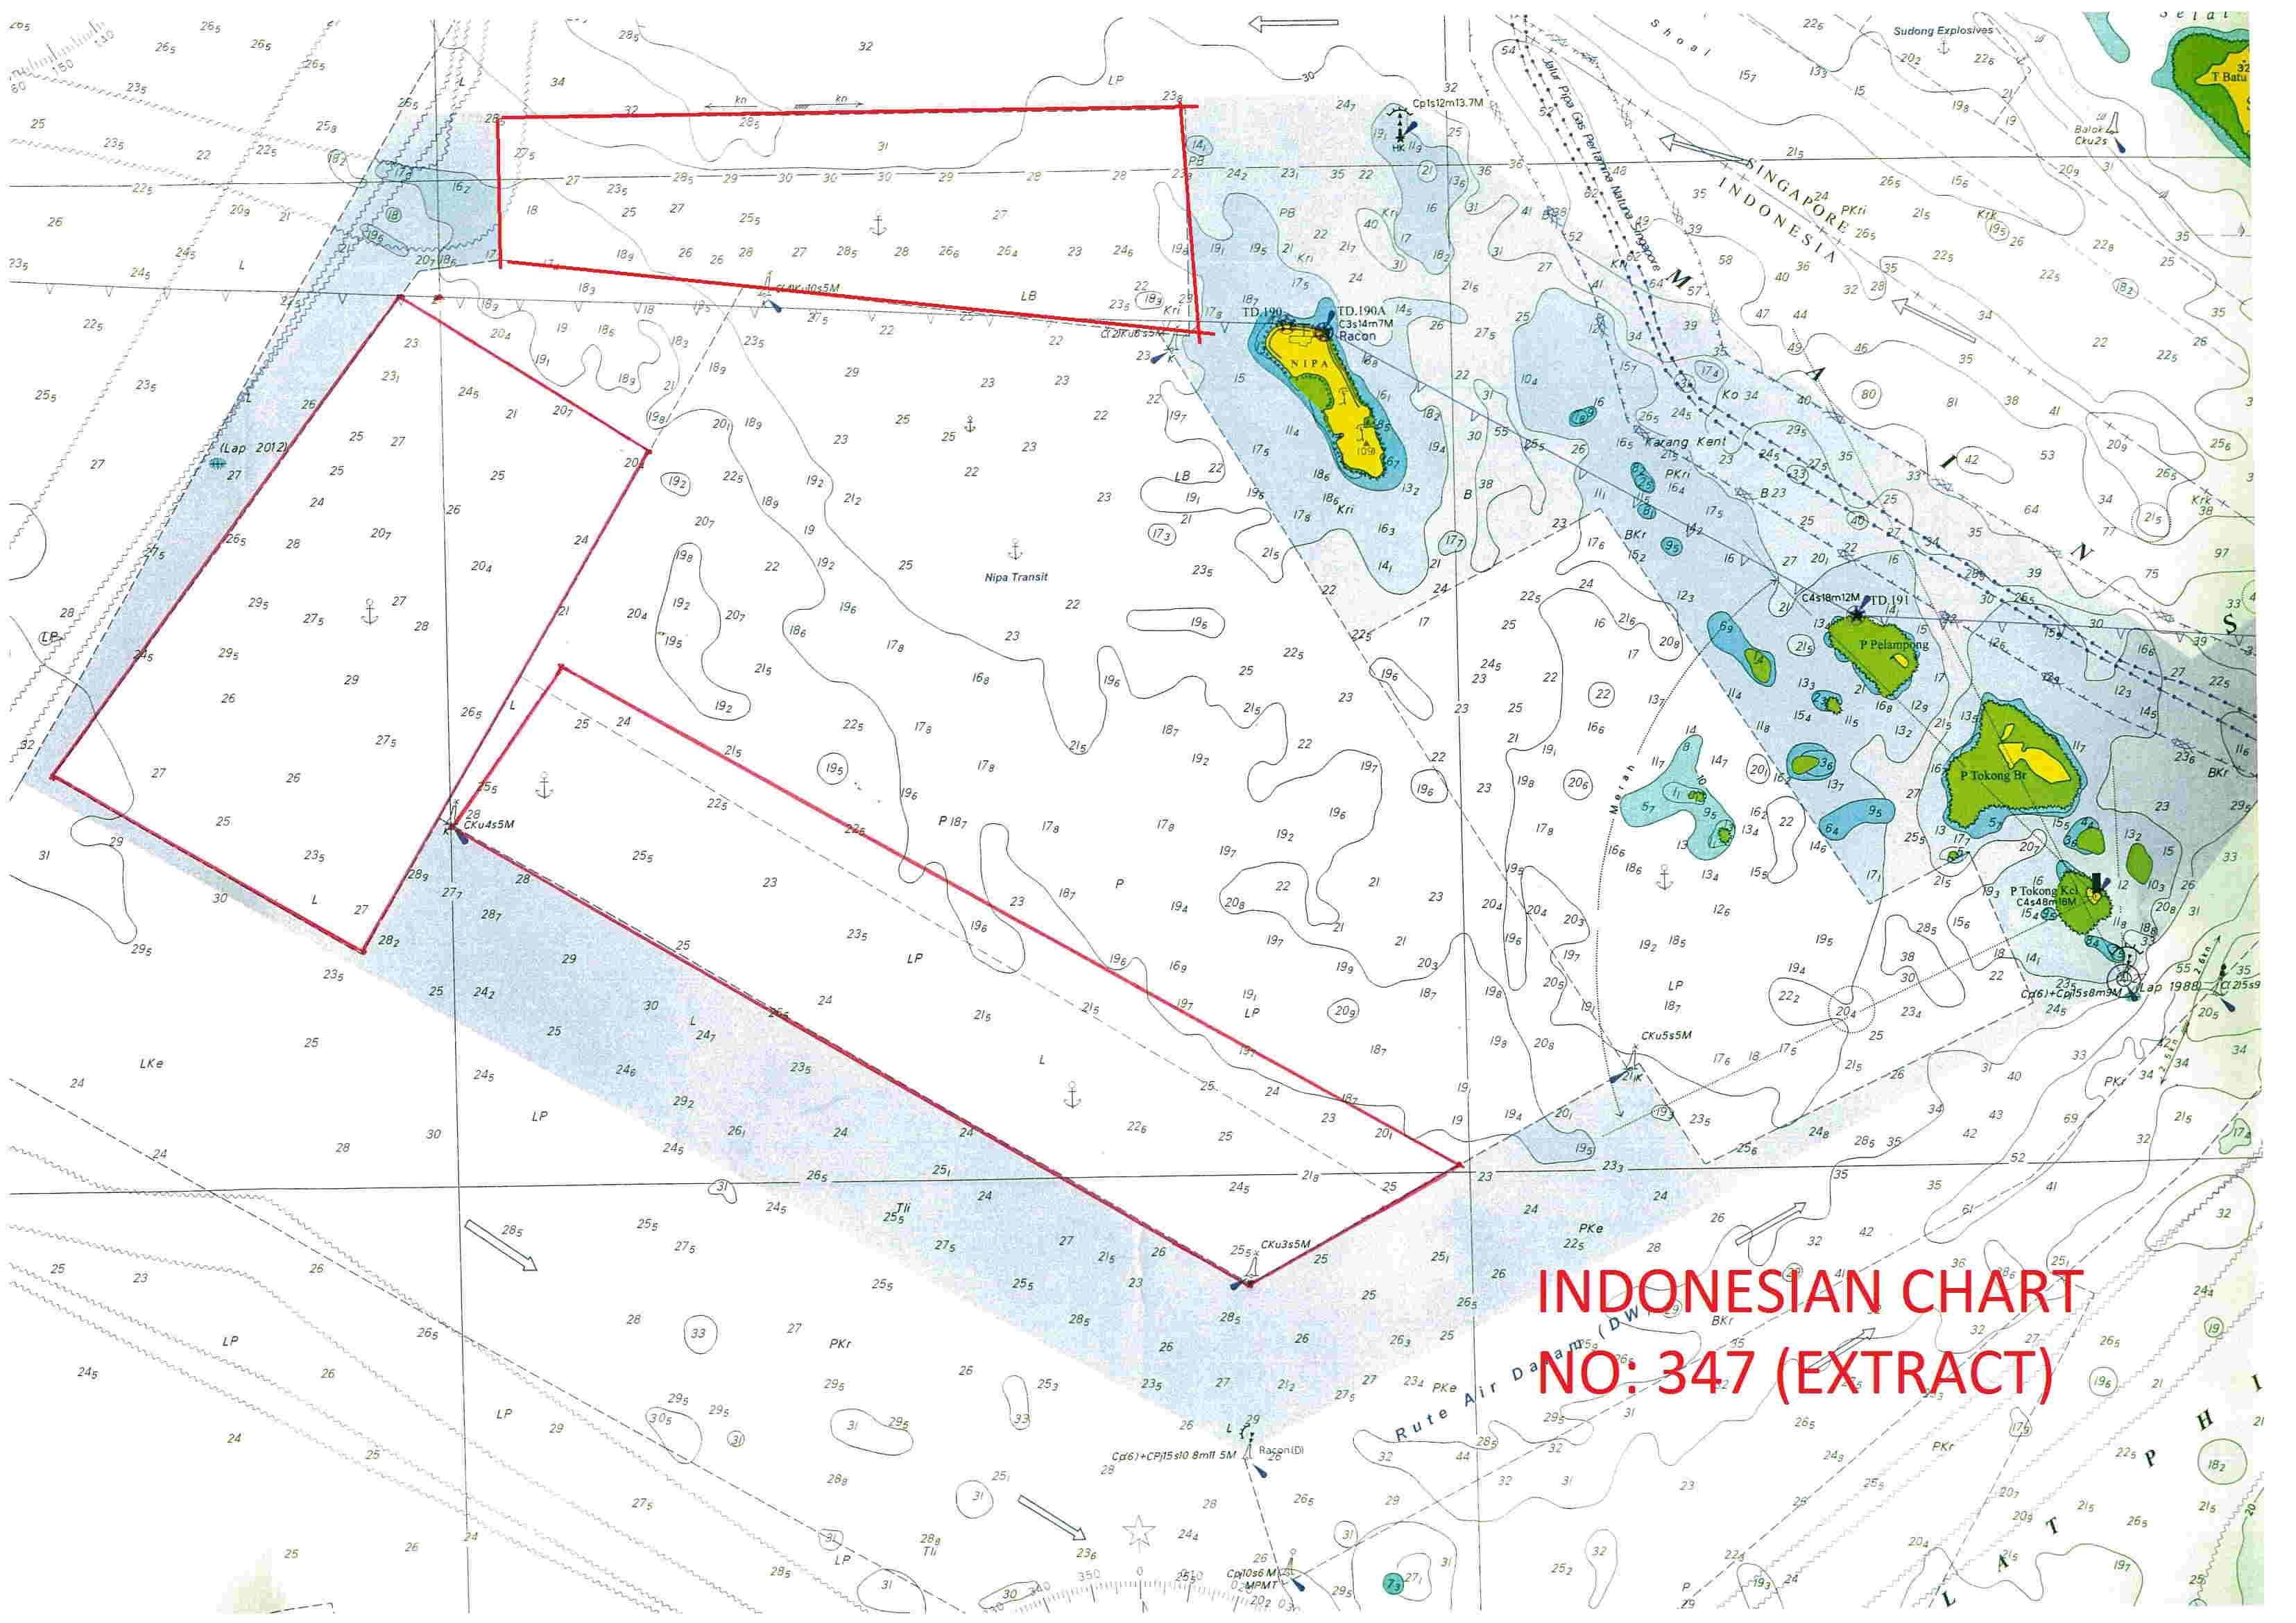 2017_Slider2_IndoChart_STS_Shipload_Maritime